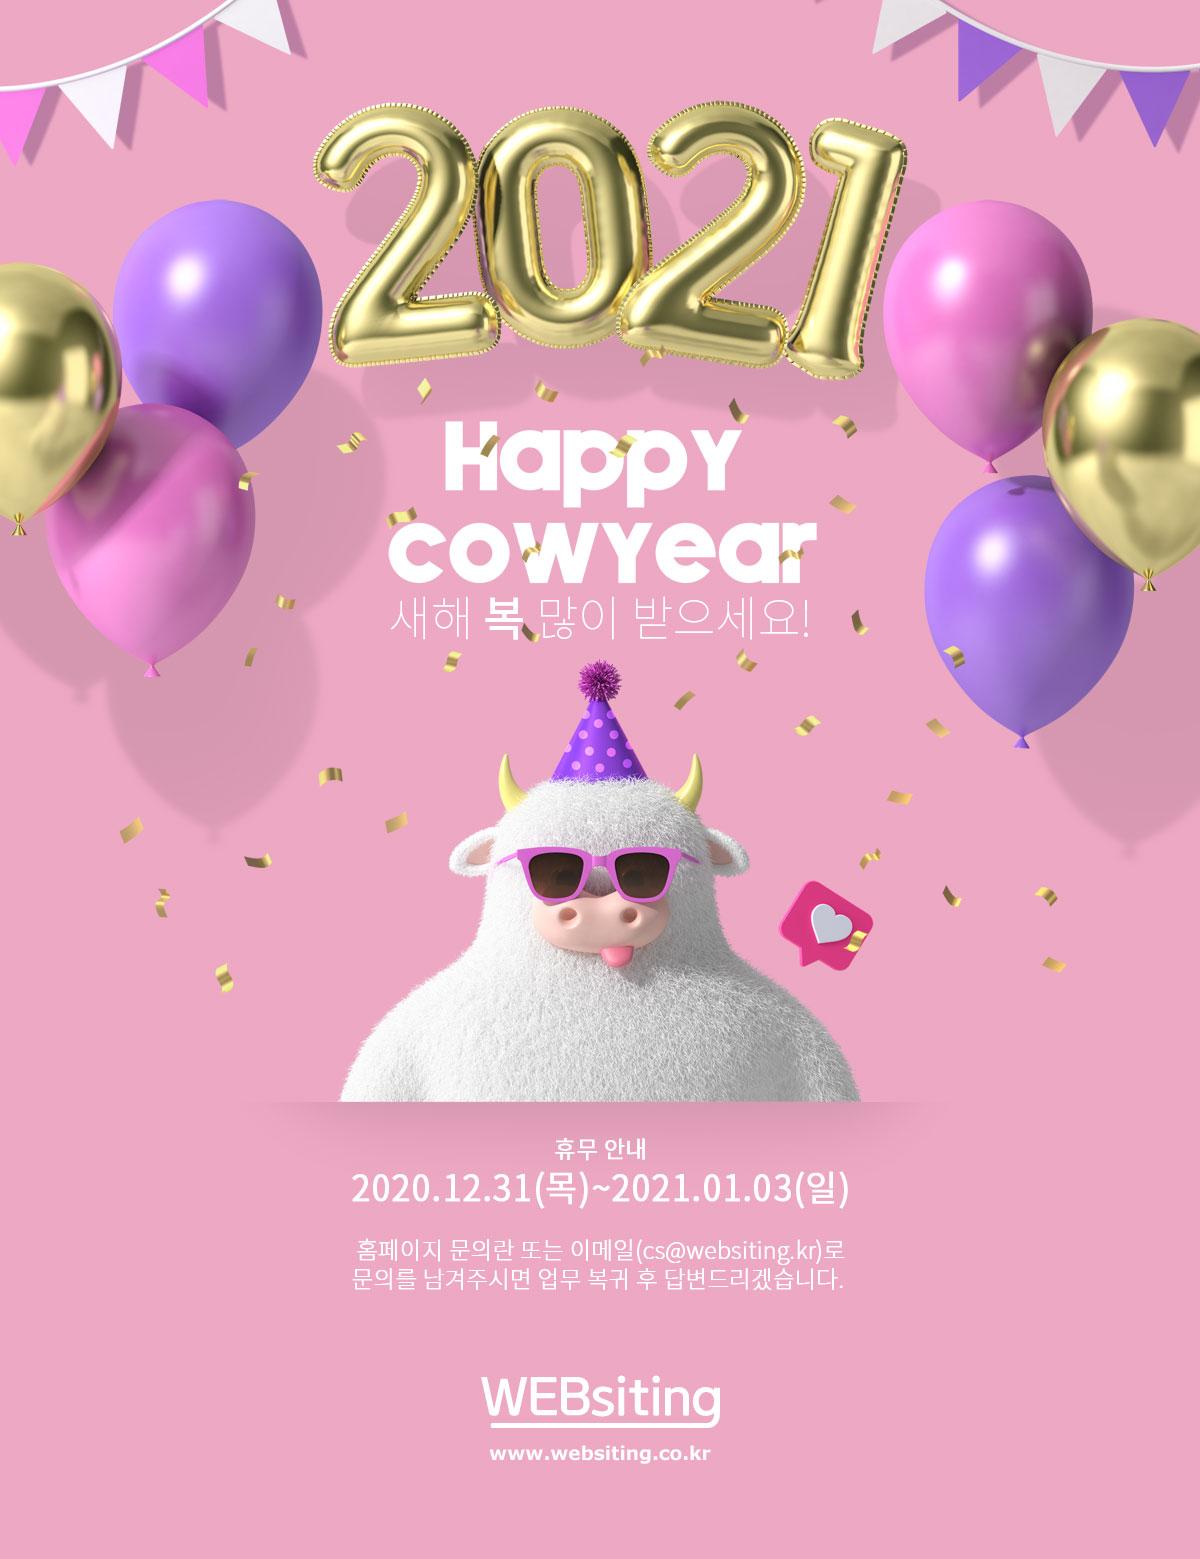 2021년 웹사이팅 신년 휴무 기간 안내